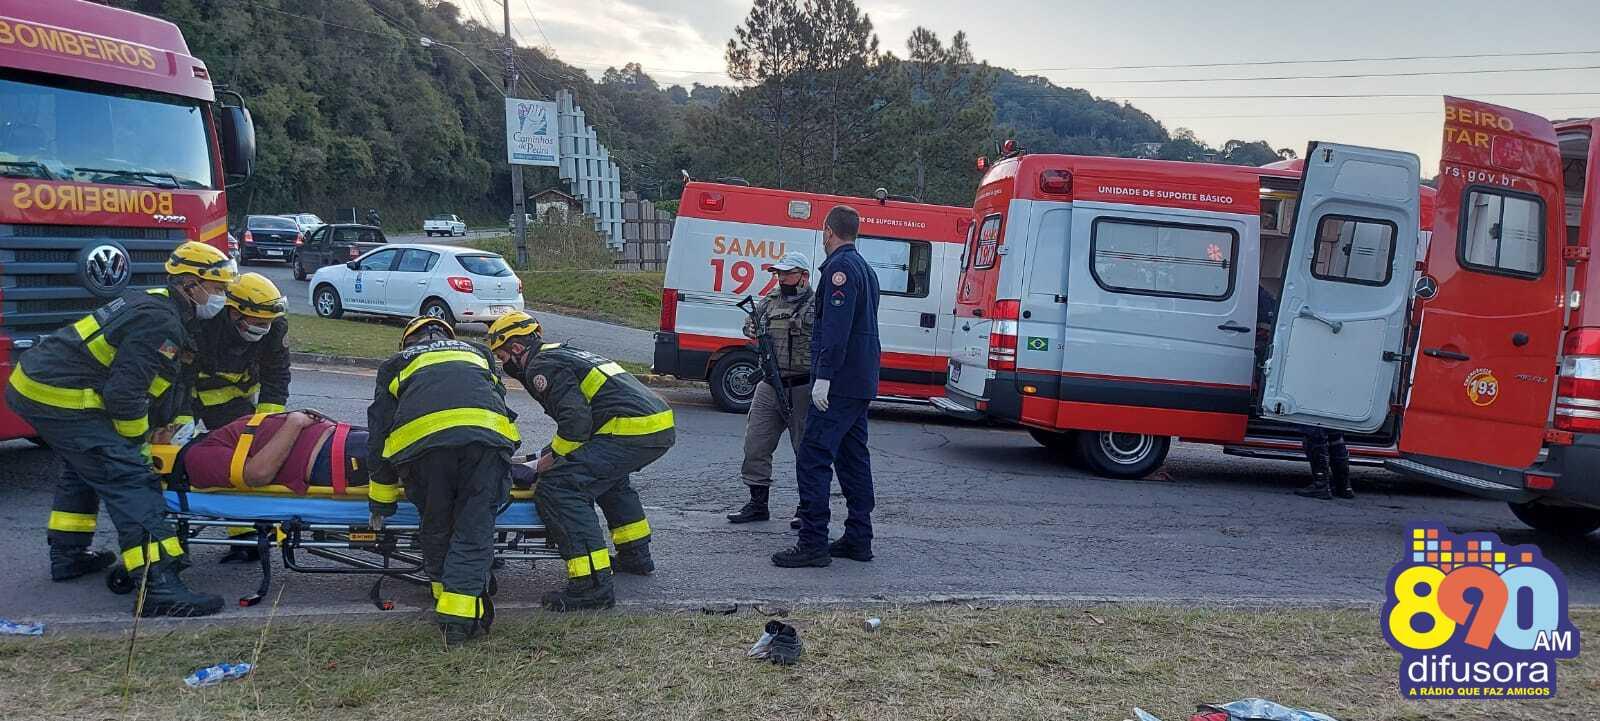 Caminhão tomba e deixa três feridos no acesso da estrada Barracão, em Bento